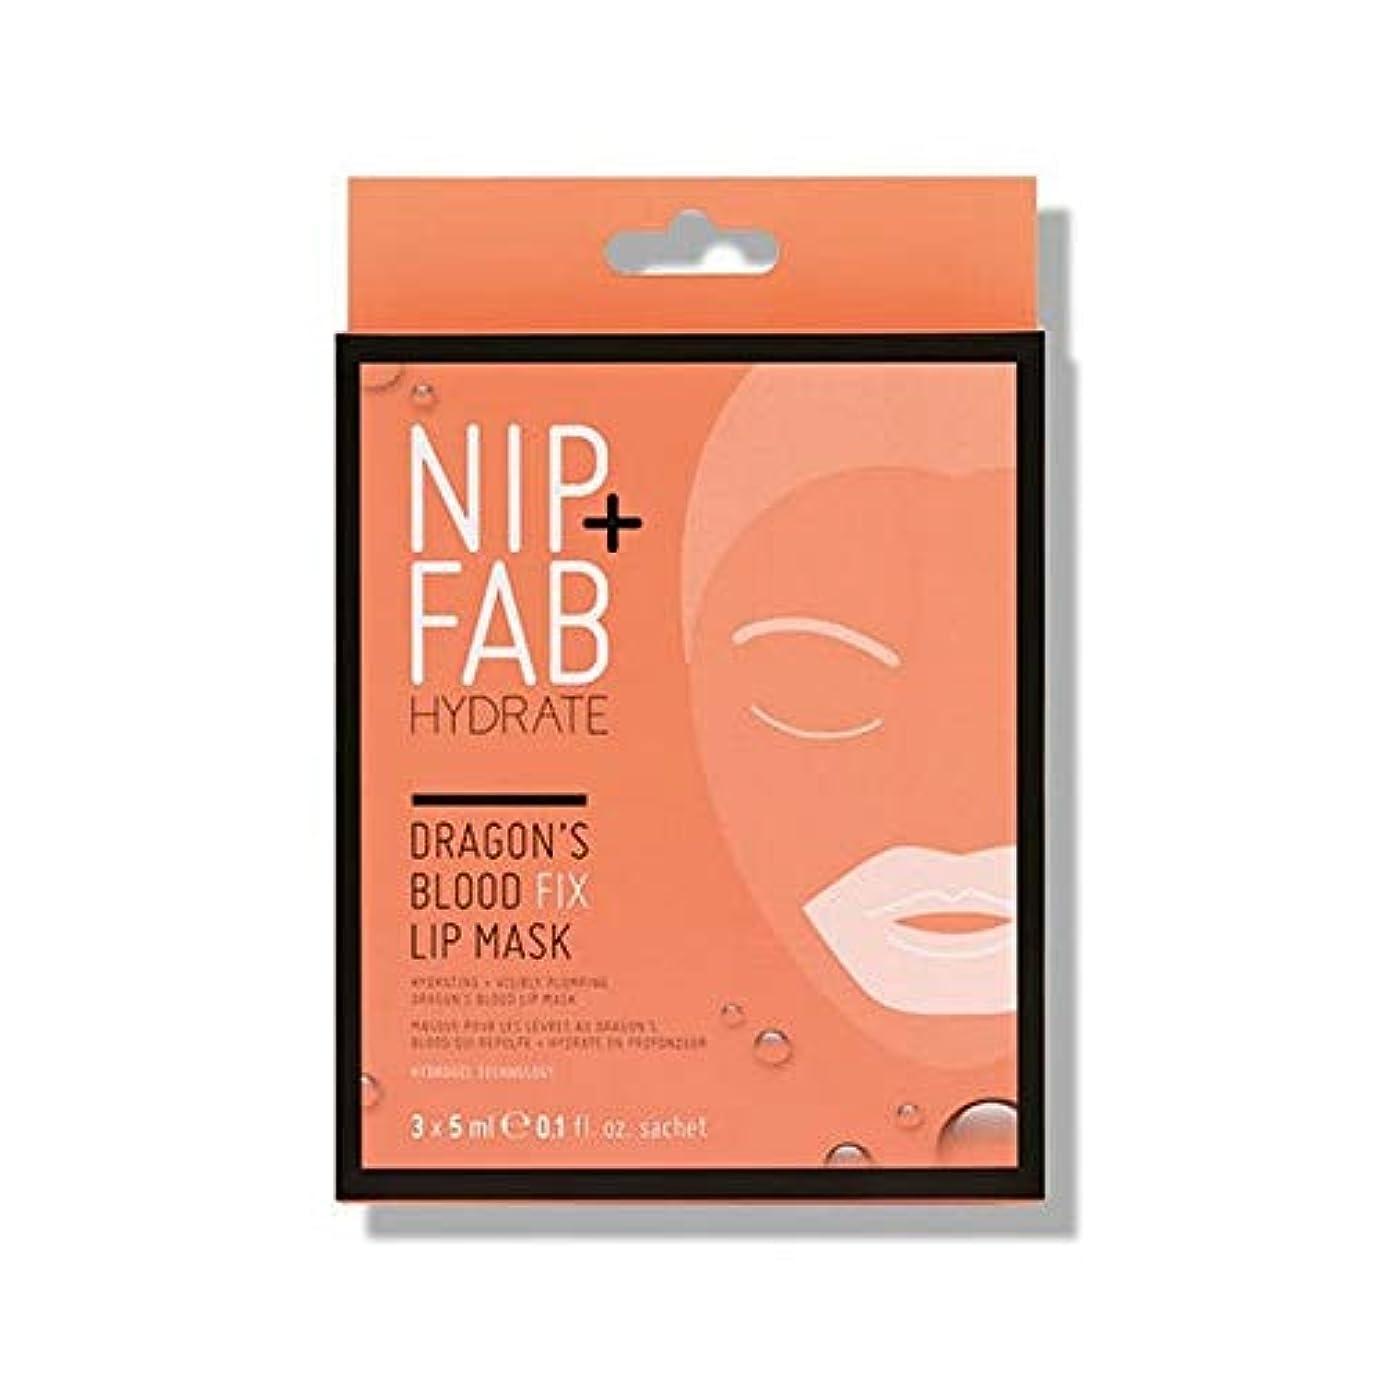 グリットピービッシュ高価な[Nip & Fab ] + Fabドラゴンの血修正リップマスク5ミリリットルニップ - NIP+FAB Dragons Blood Fix lip Mask 5ml [並行輸入品]